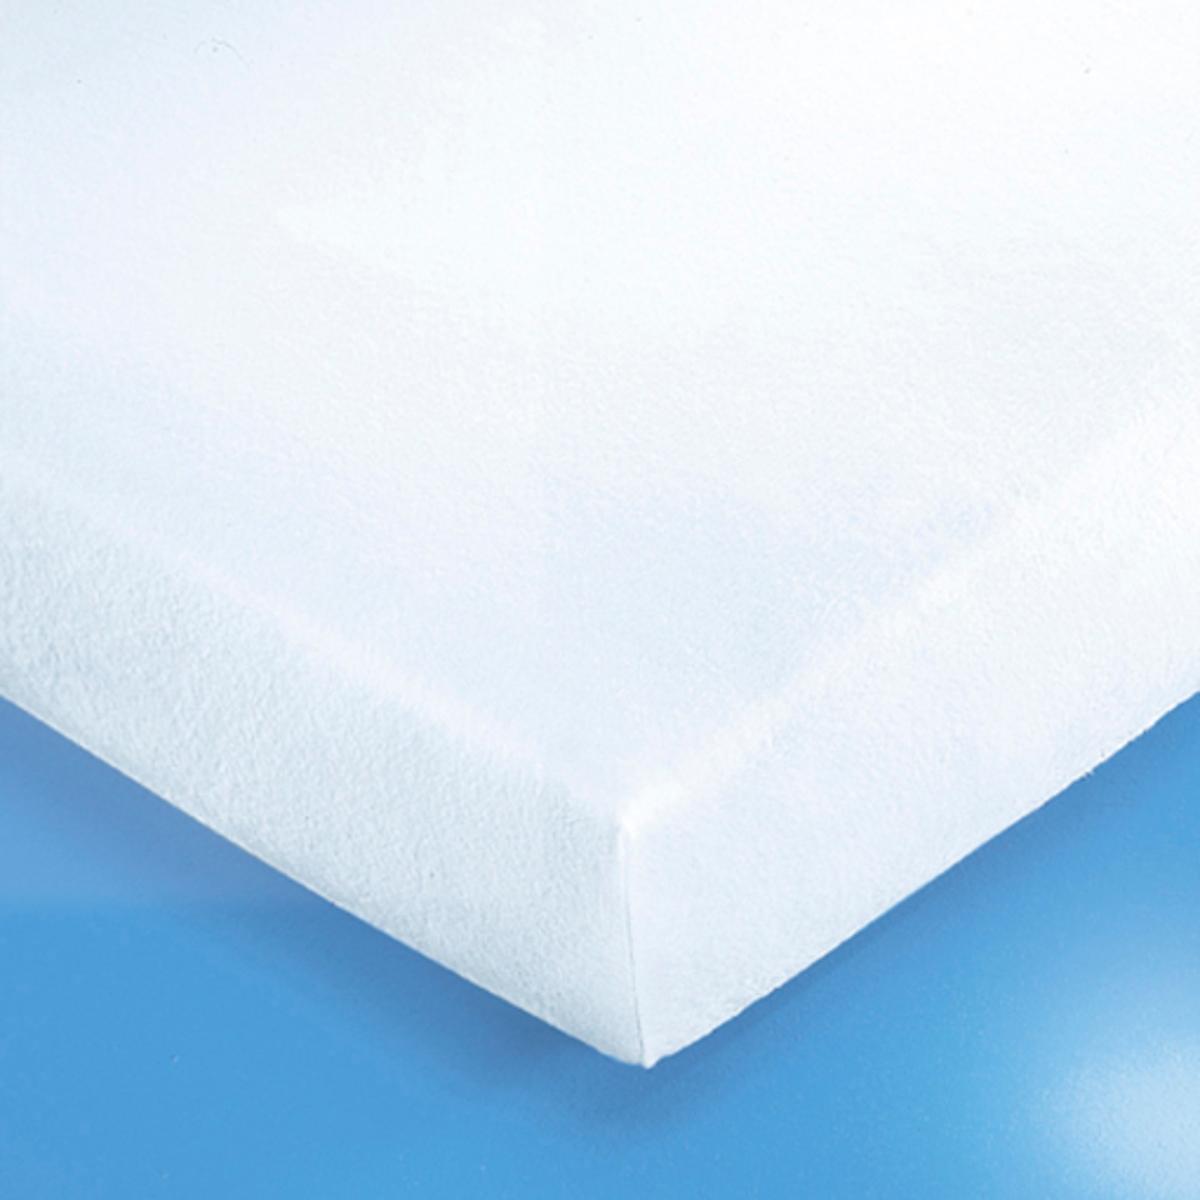 цена на Чехол La Redoute Защитный на матрас натяжной из эластичной махровой ткани с непромокаемой прослойкой из полиуре 40 x 80 см белый